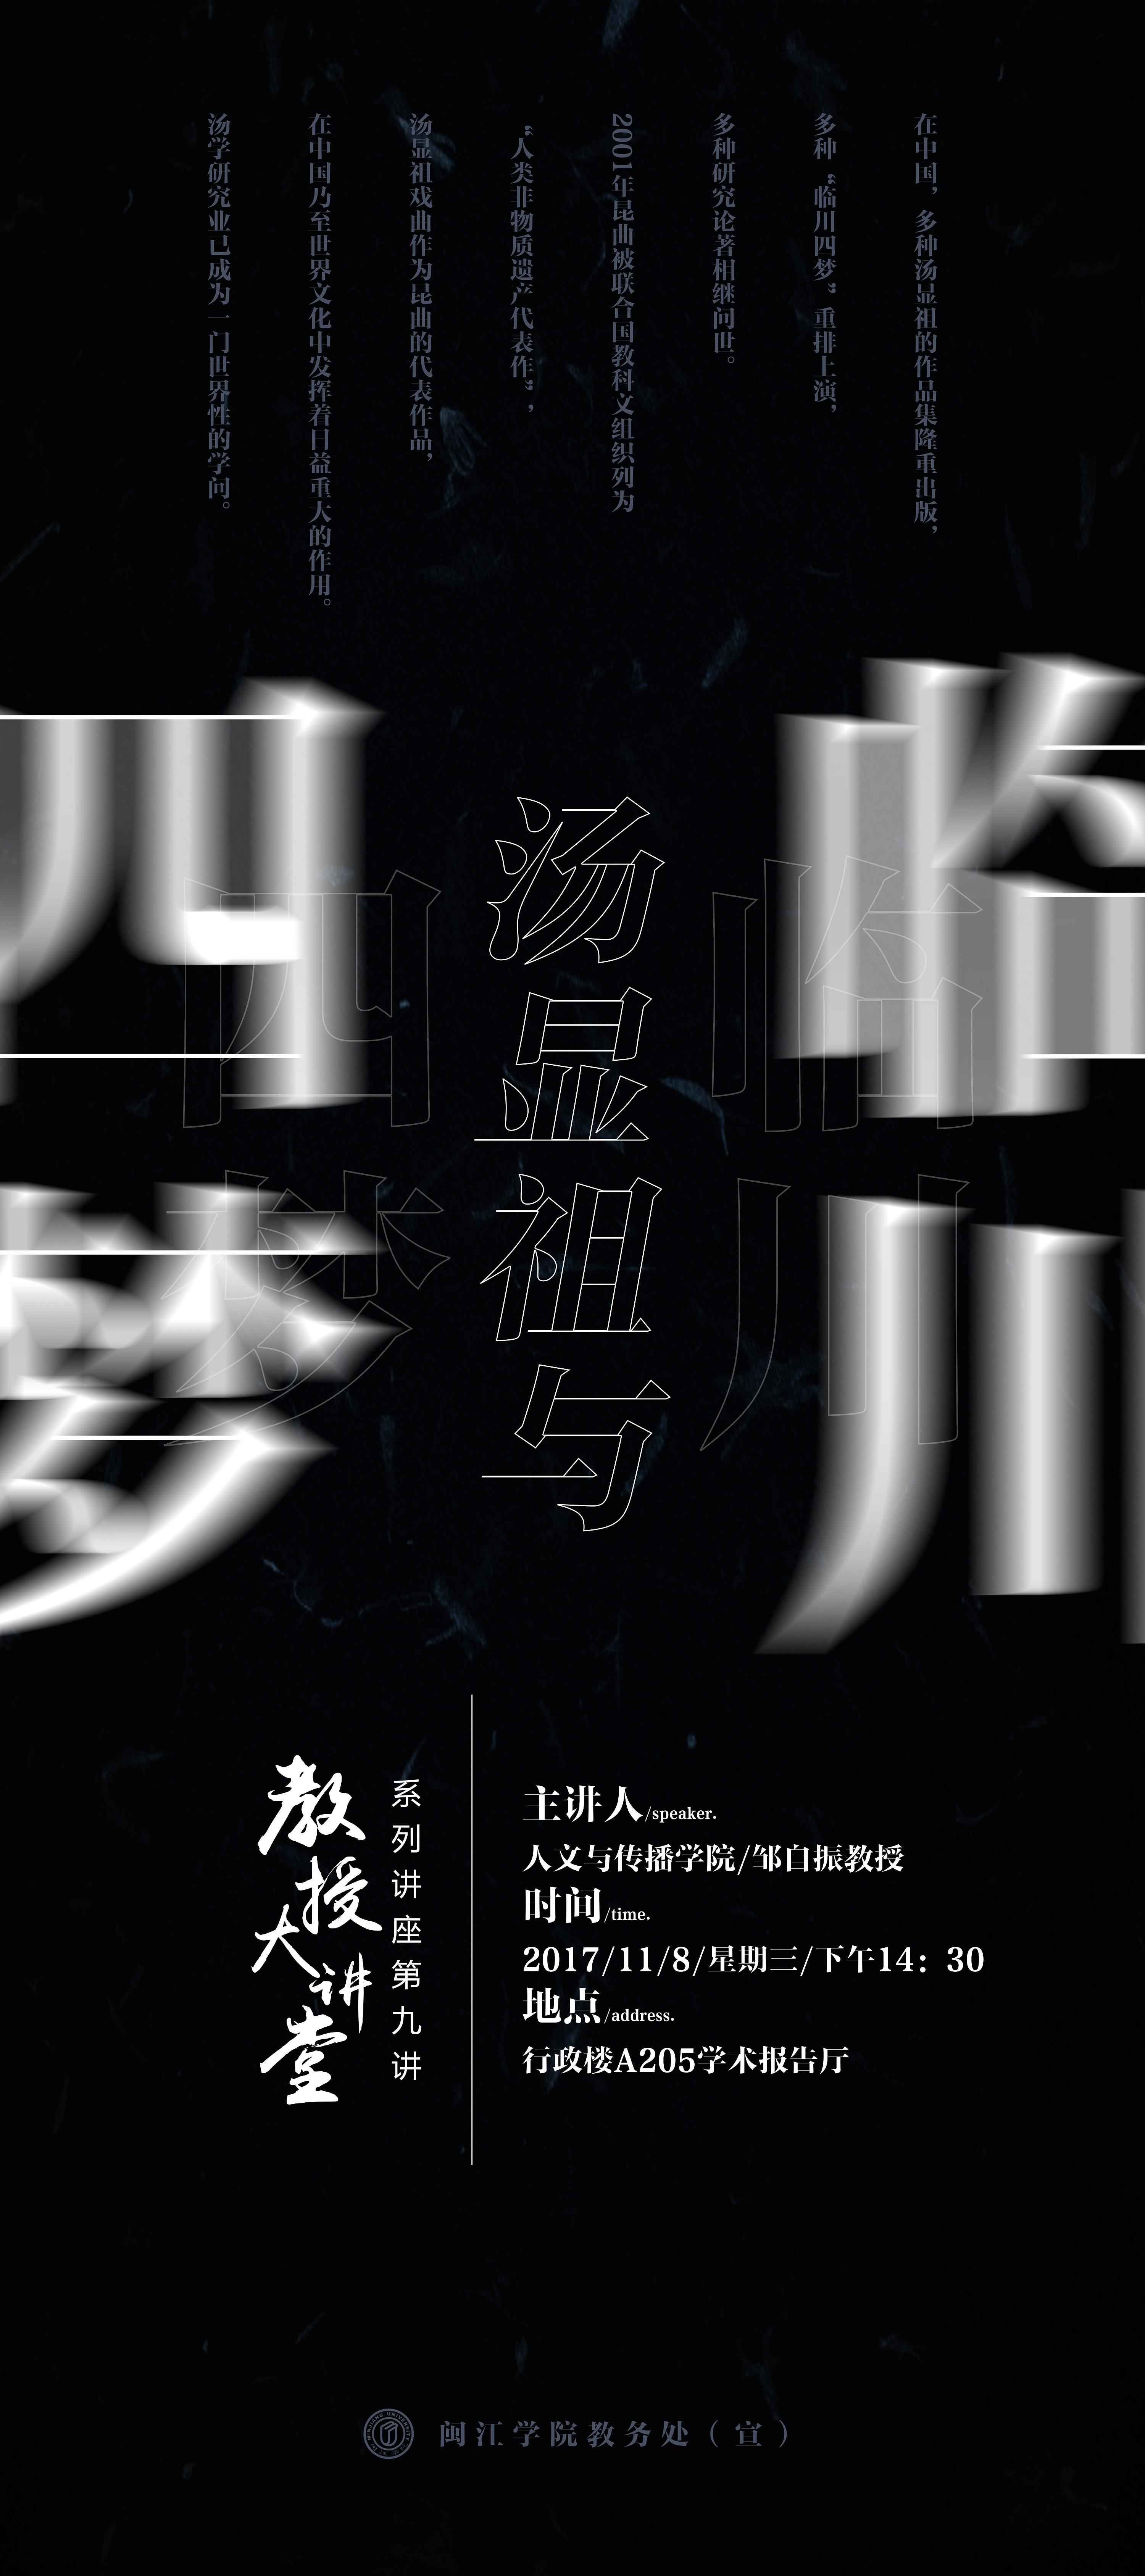 新临川四梦_临川四梦|平面|海报|flsqing - 原创作品 - 站酷 (ZCOOL)